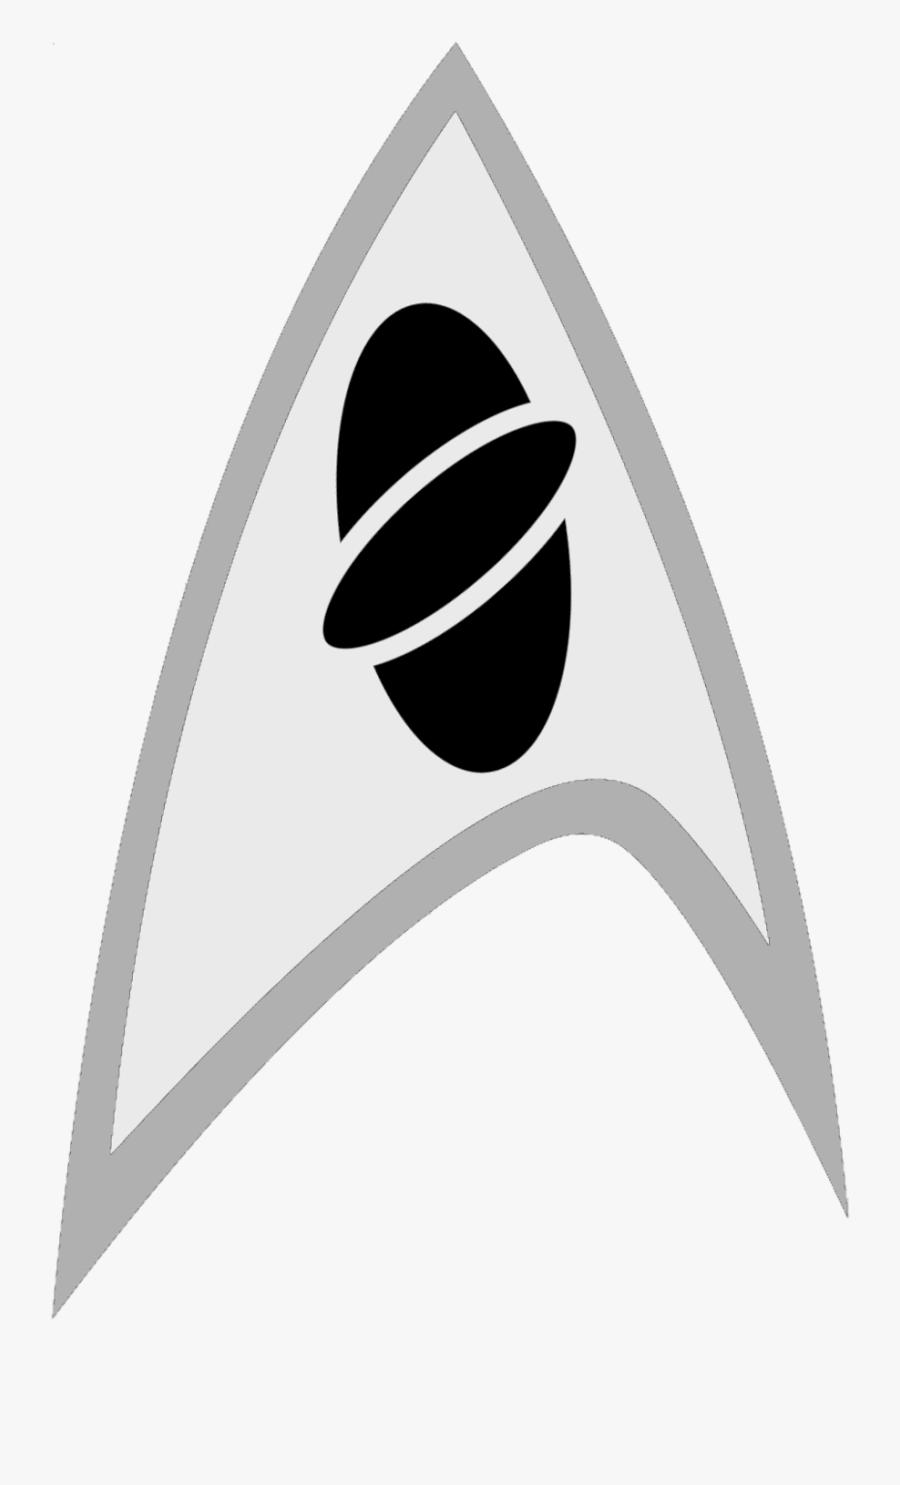 Starfleet Star Trek Science Symbol - Logo Star Trek Symbol, Transparent Clipart